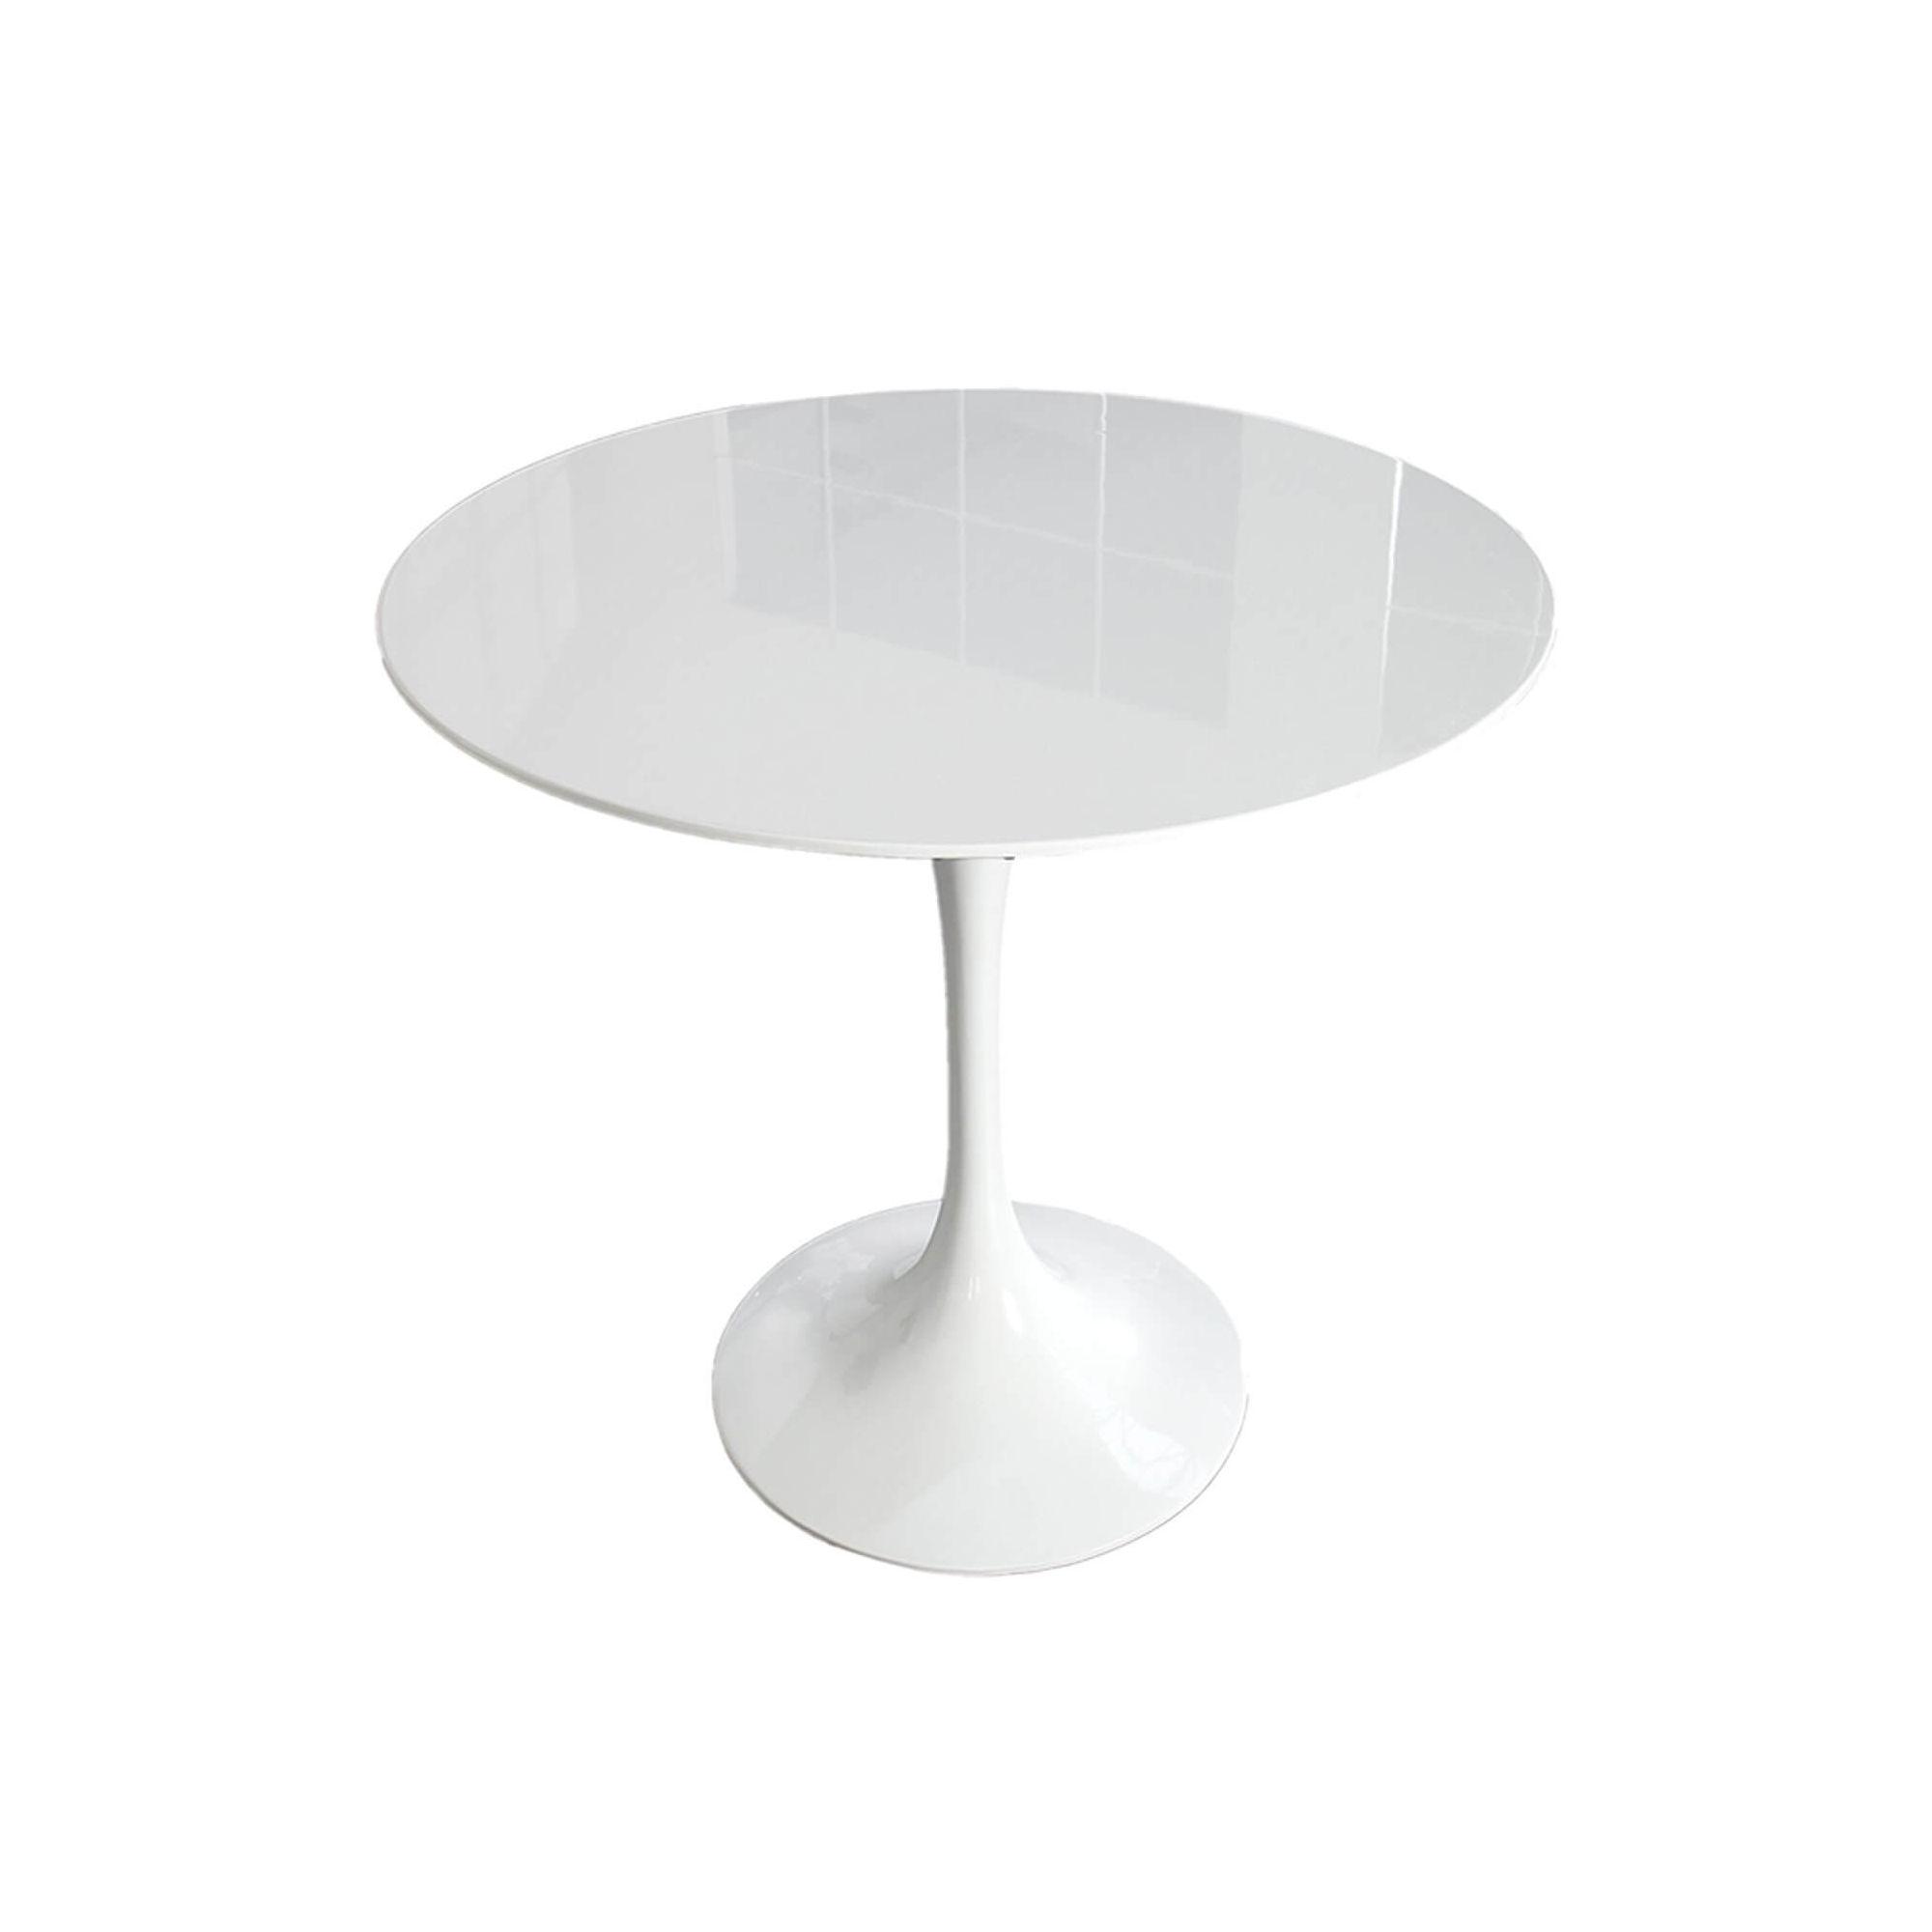 Esstisch weiß rund  Esstische im Mid Century Modern Design - Mid-Century Moebel